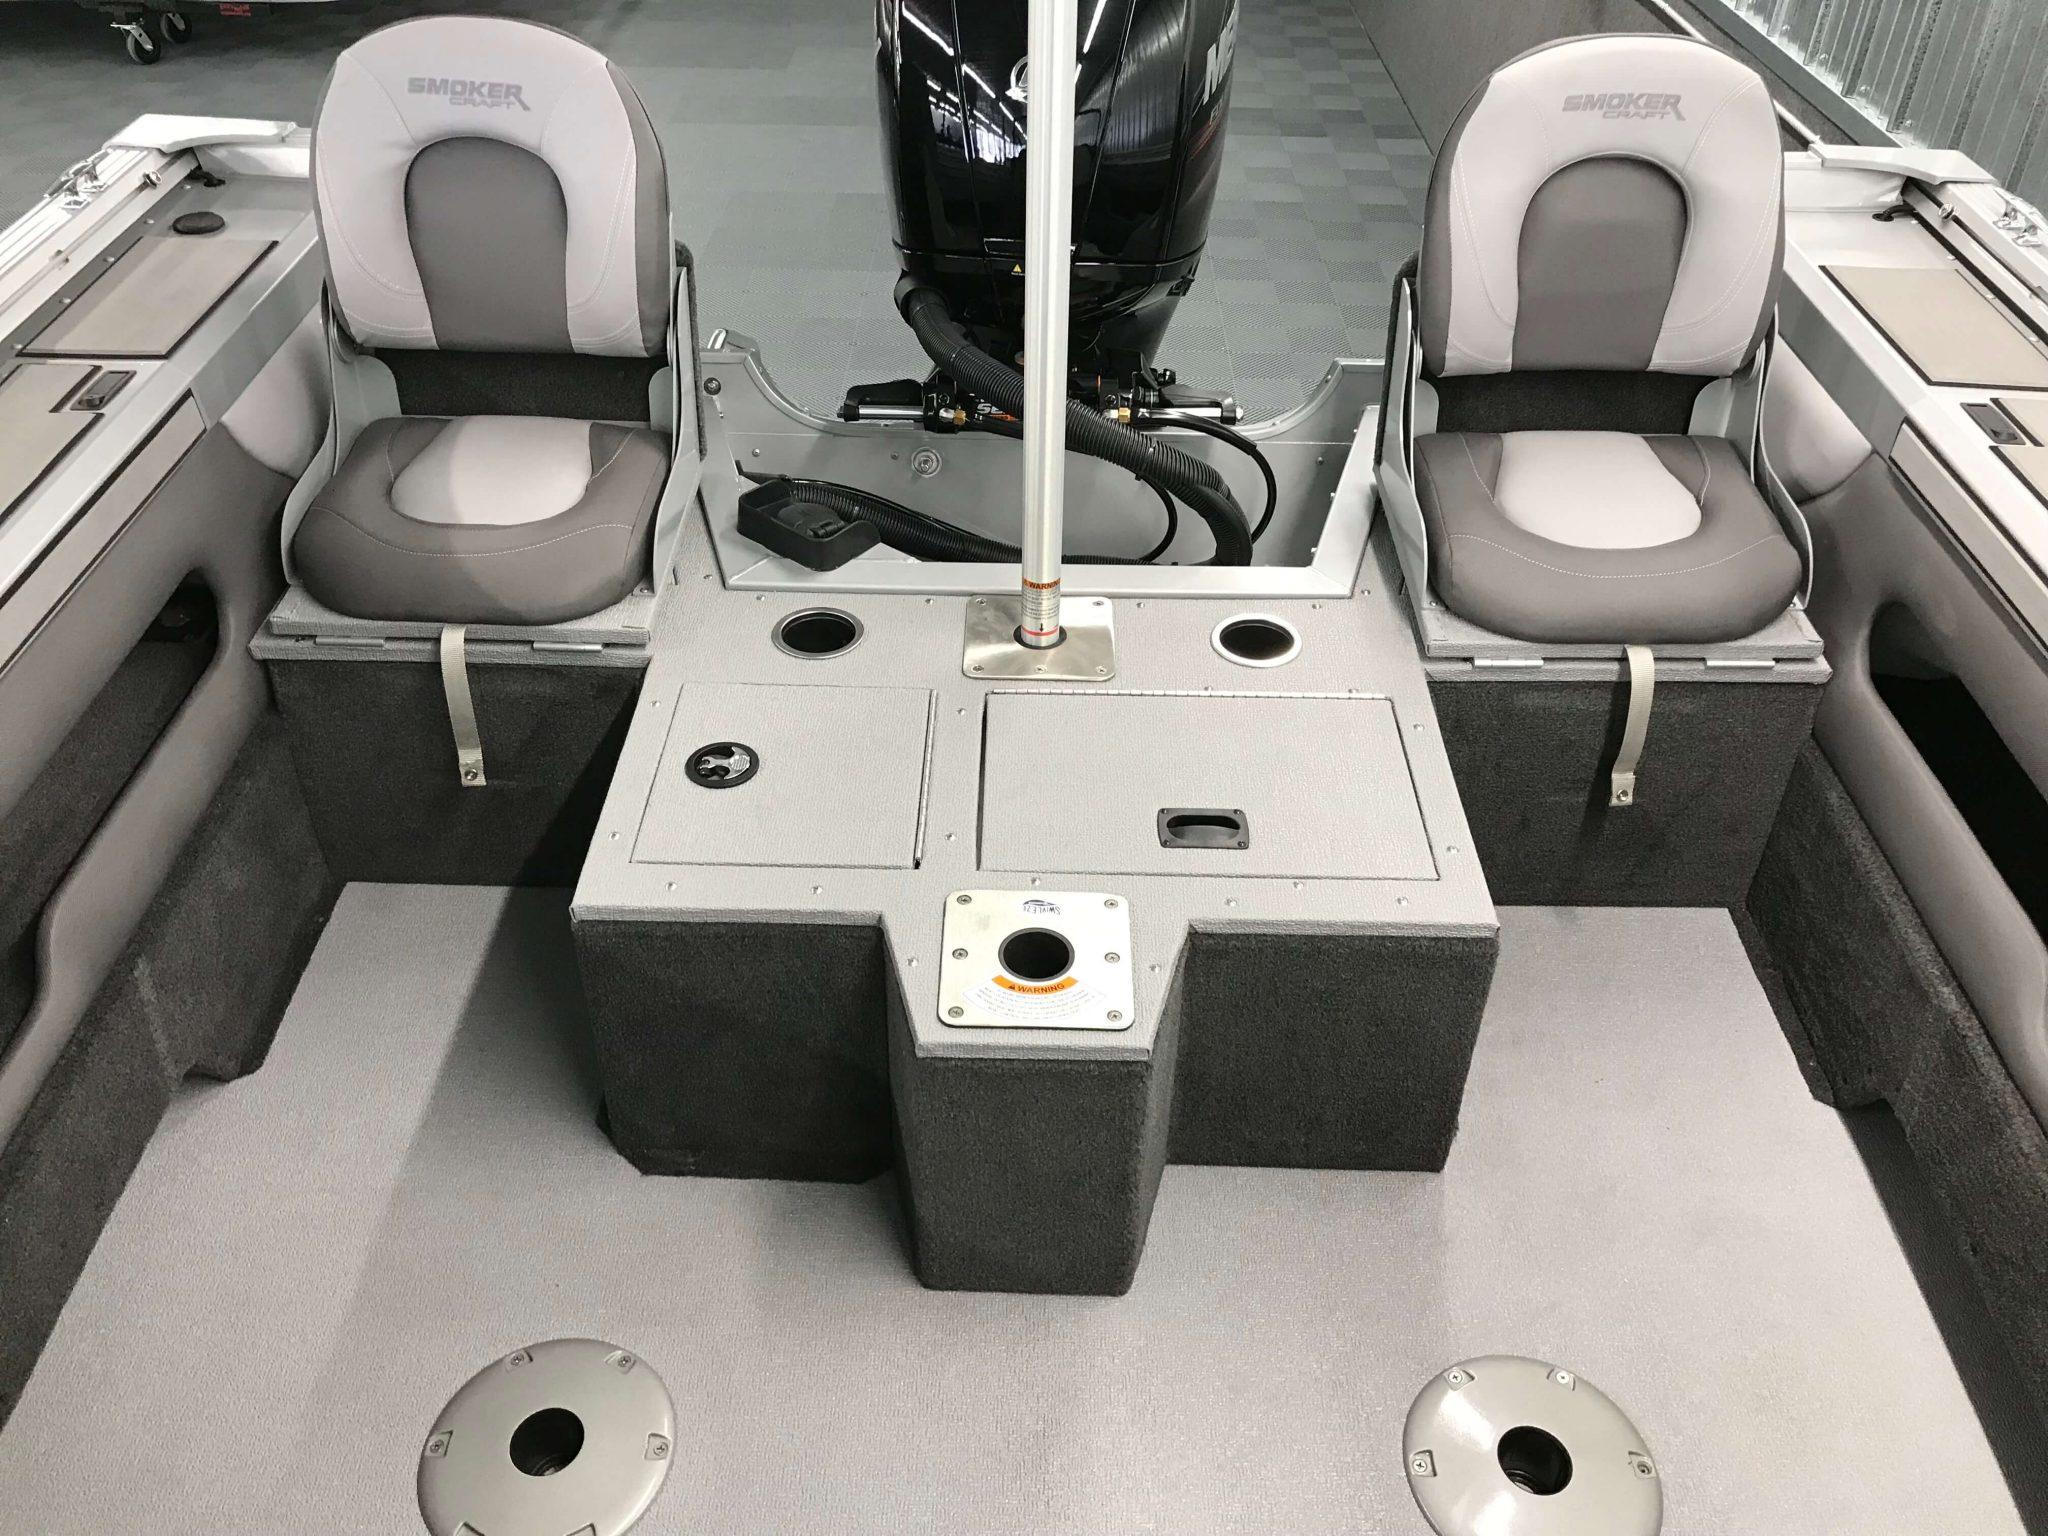 2019 Smoker Craft 182 Ultima Stern Seating Layout 2